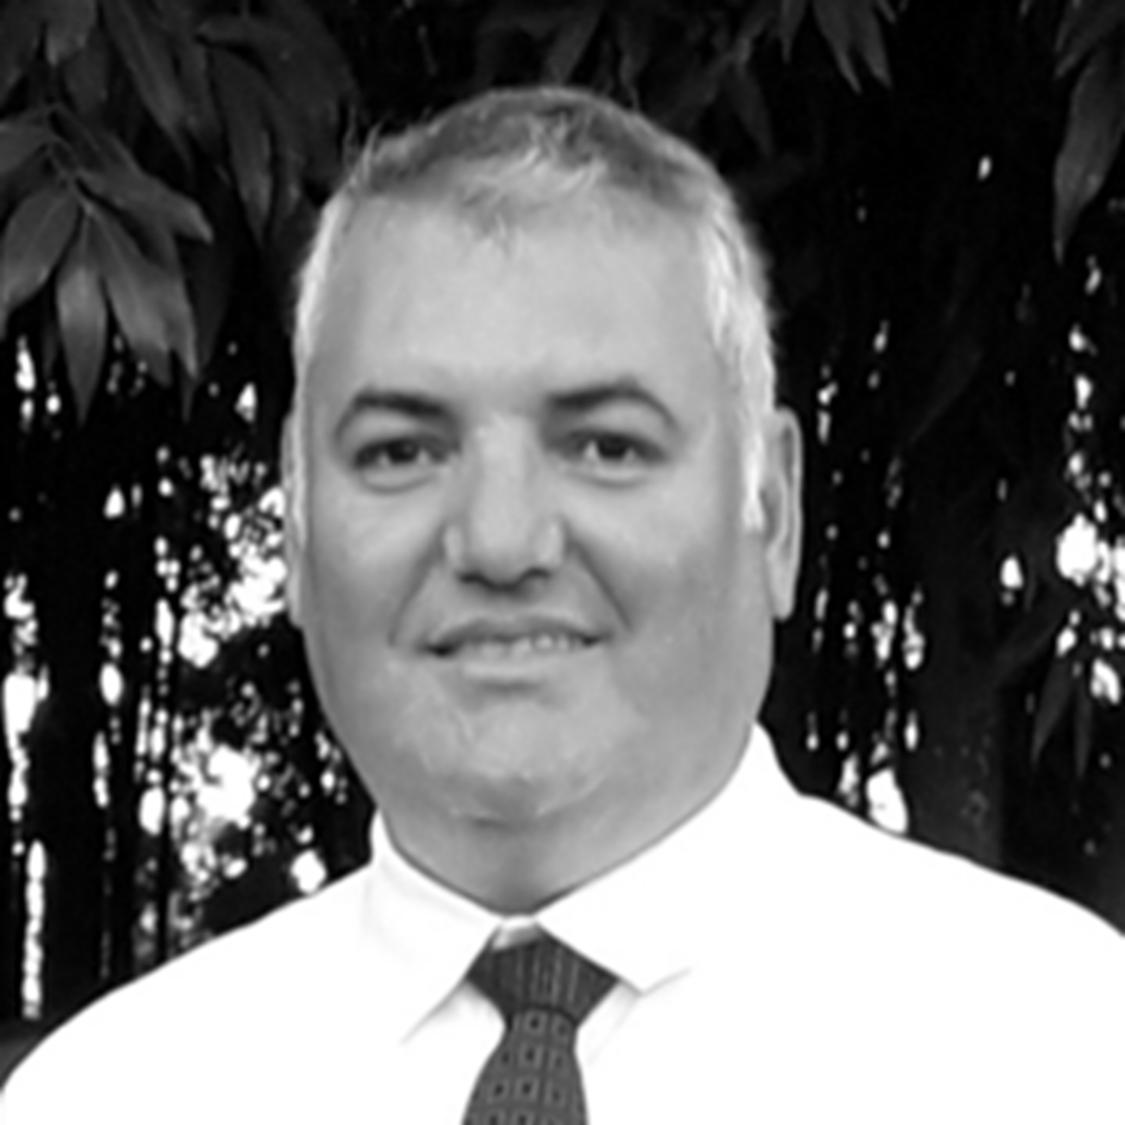 Vicente De Souza